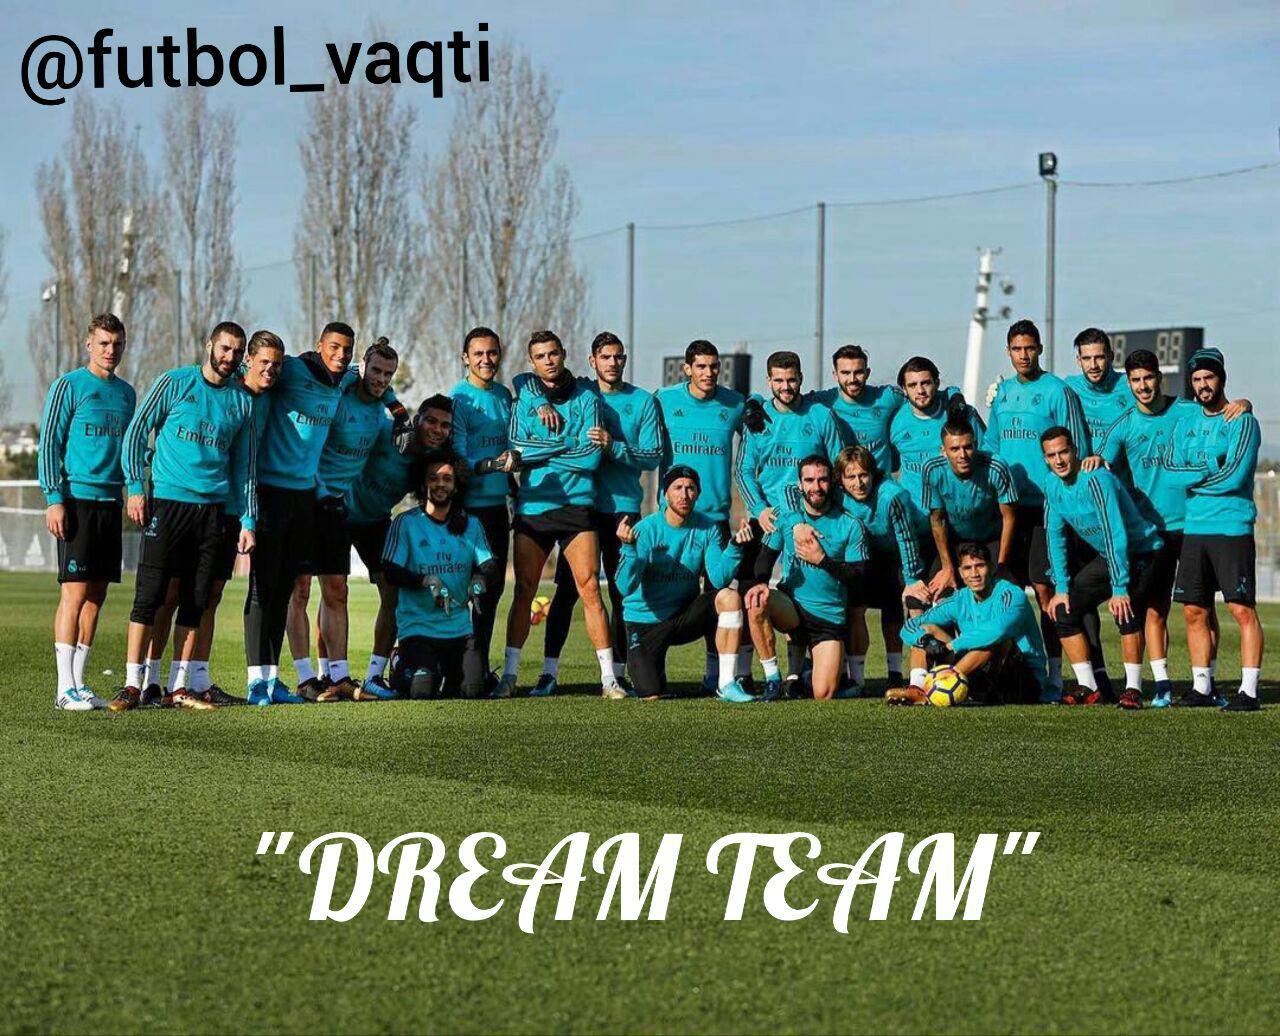 """""""DREAM TEAM"""" 2-Tur natijalari!"""